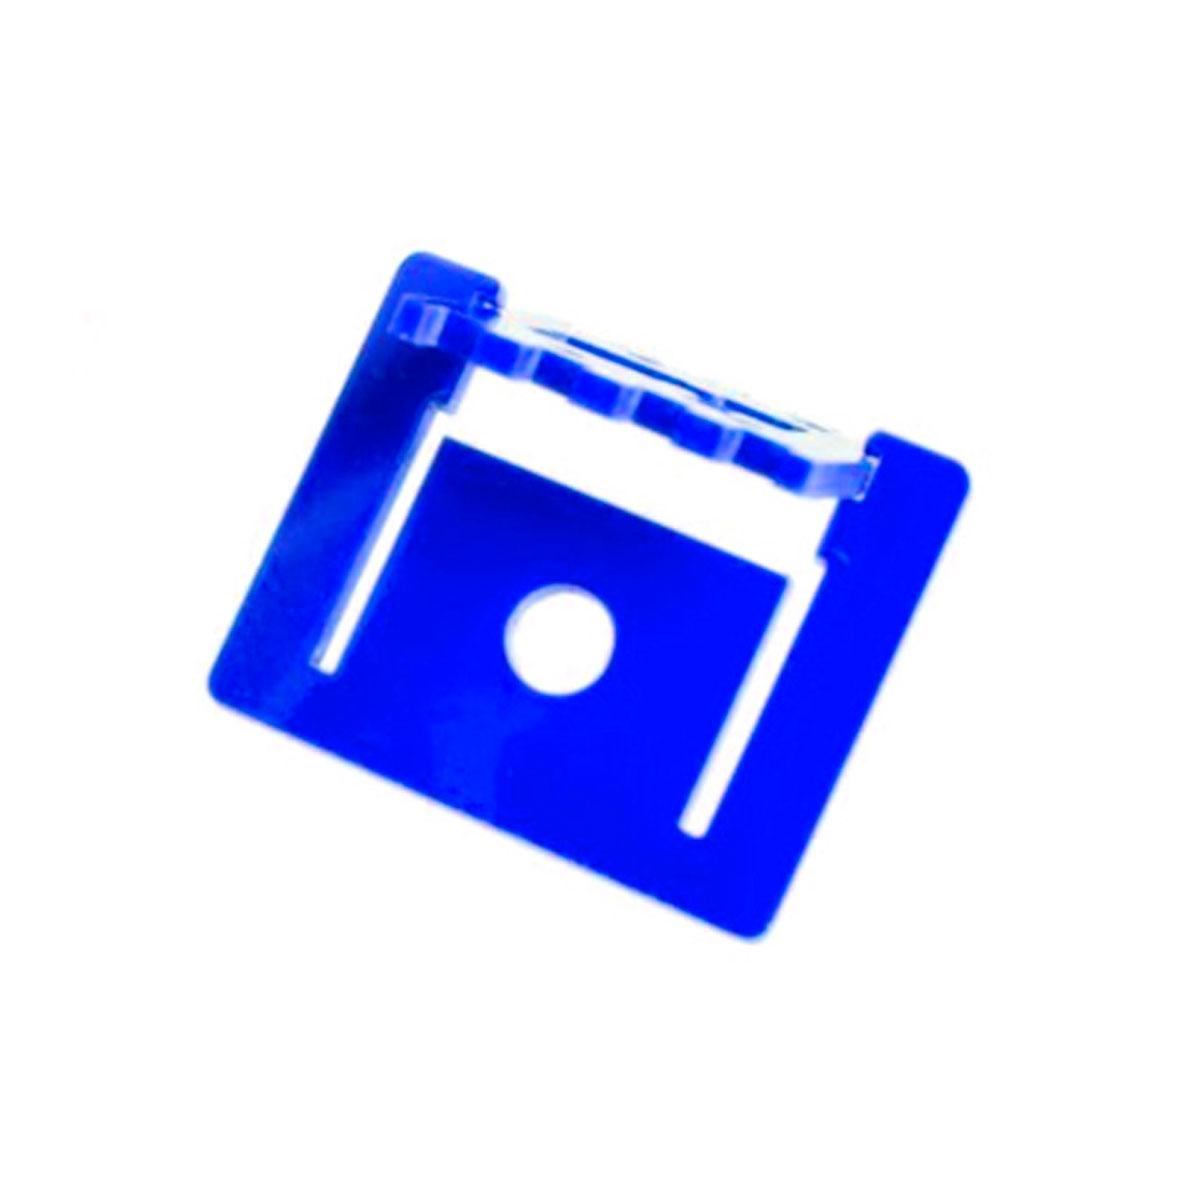 Suporte Acrílico Ajustável para montagem de Câmera de Raspberry